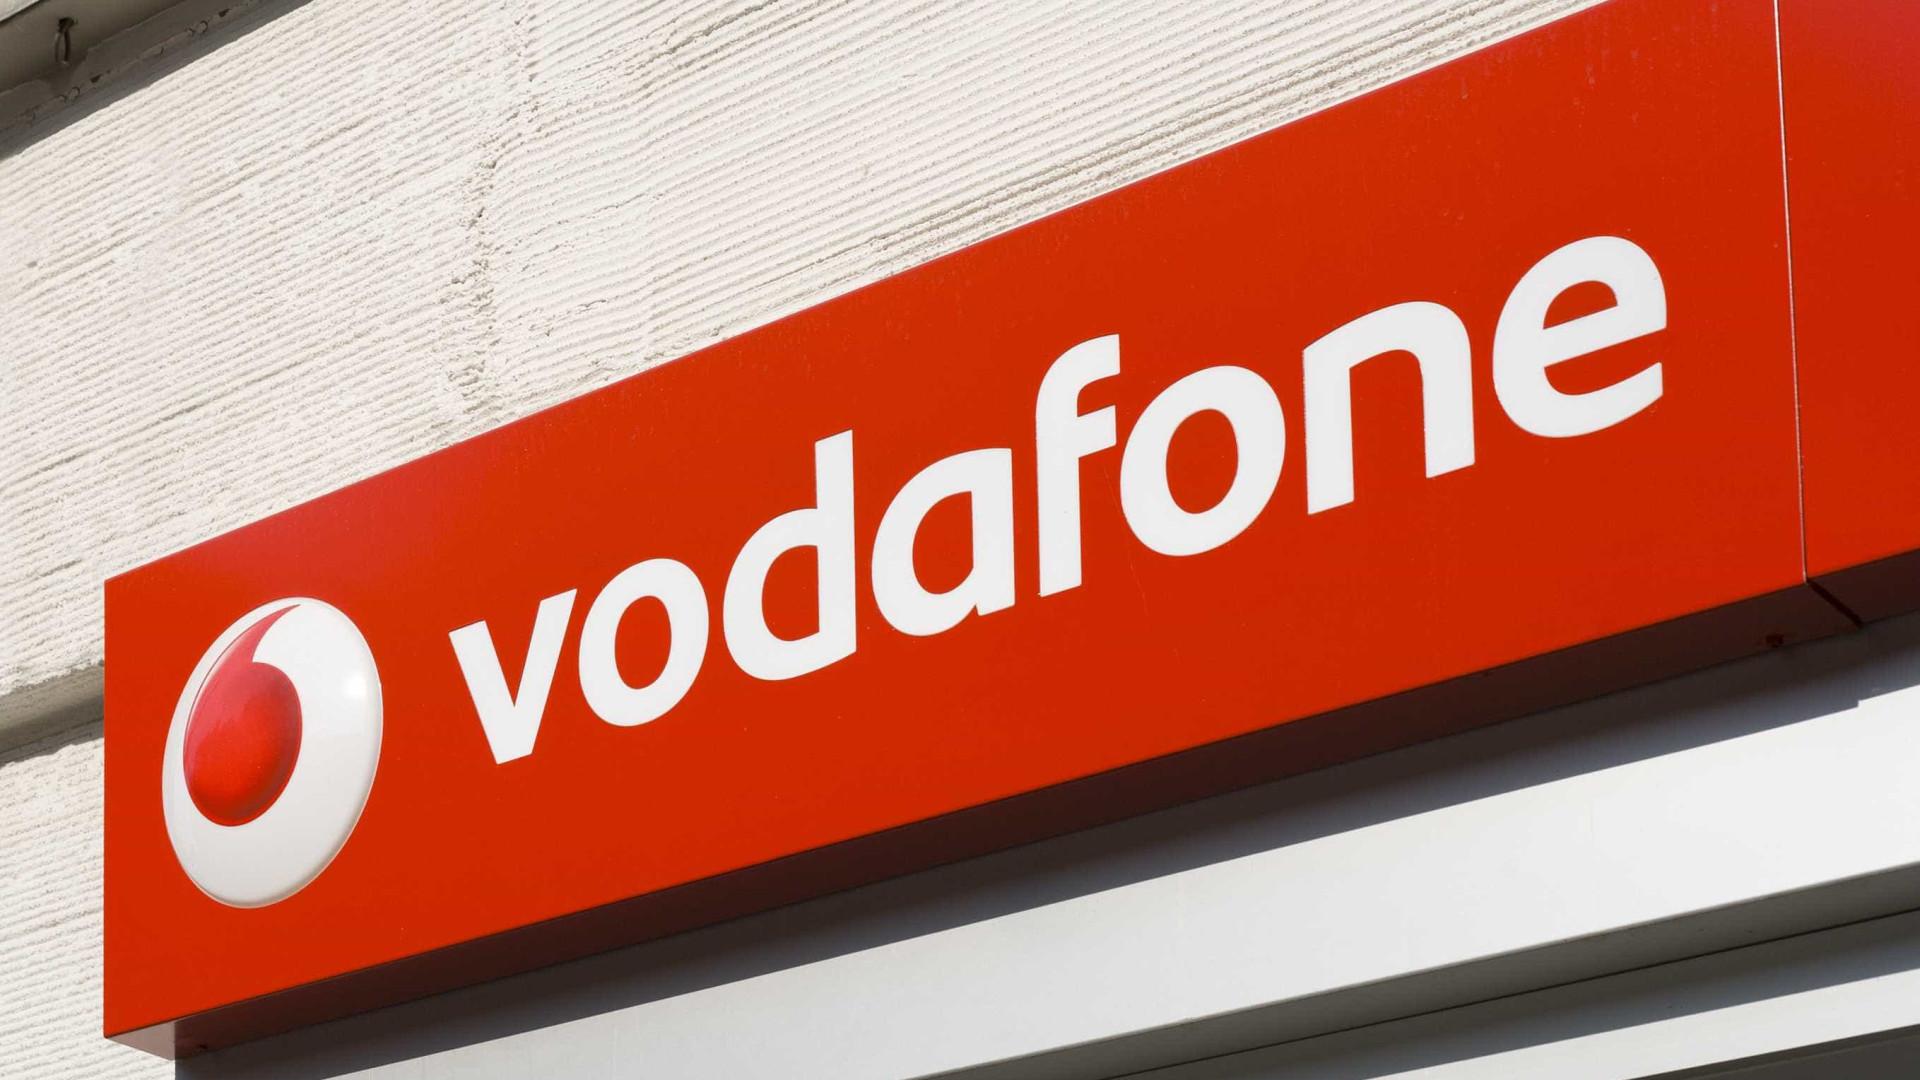 Receitas totais da Vodafone Portugal sobem 4,2% no 1.º semestre